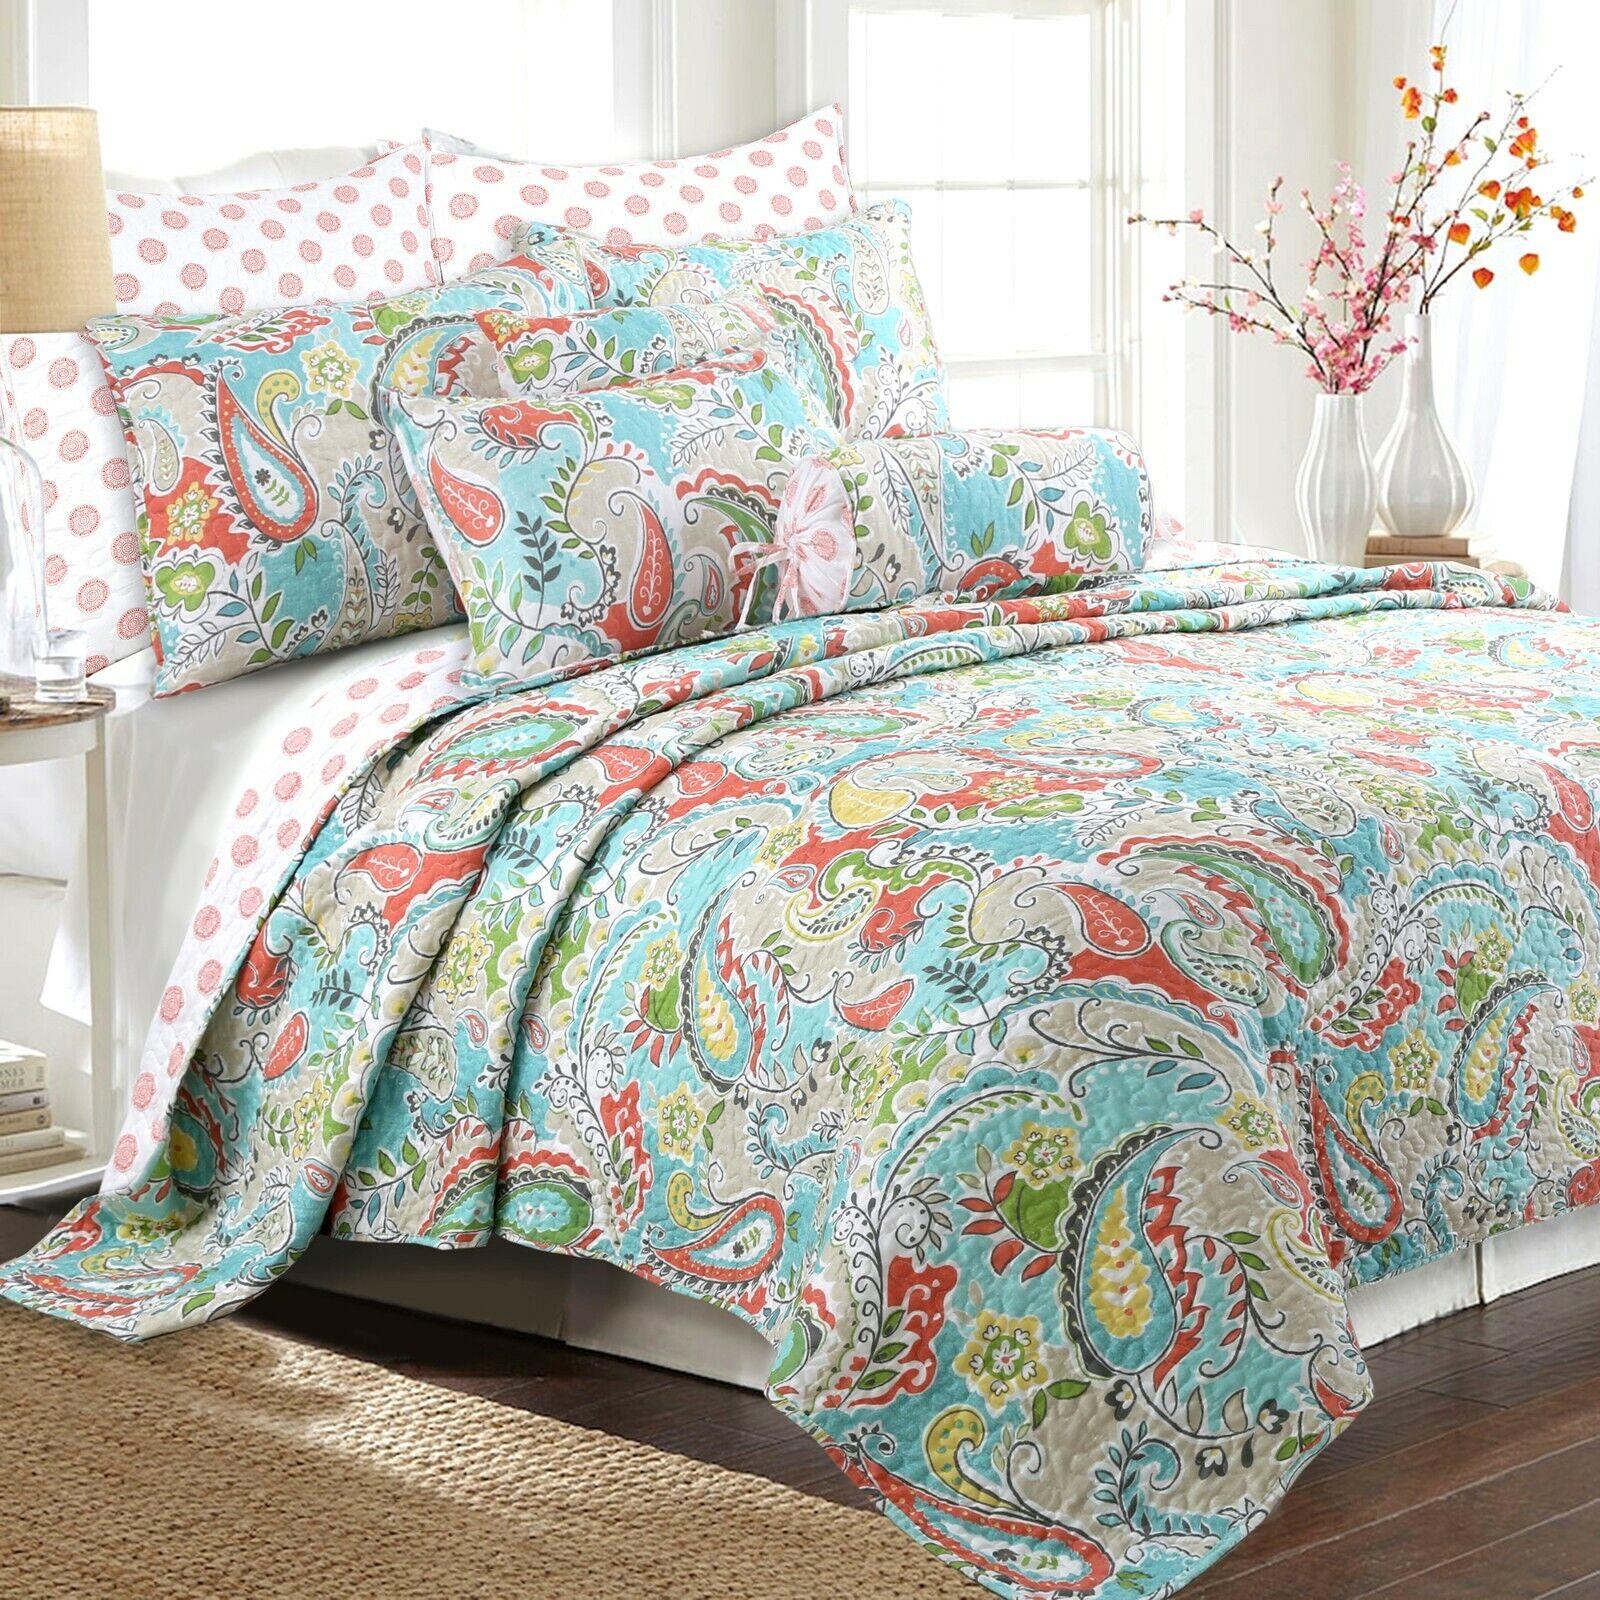 Mirage Paisley 3-Piece Reversible Quilt Set, Bedspread, Cove